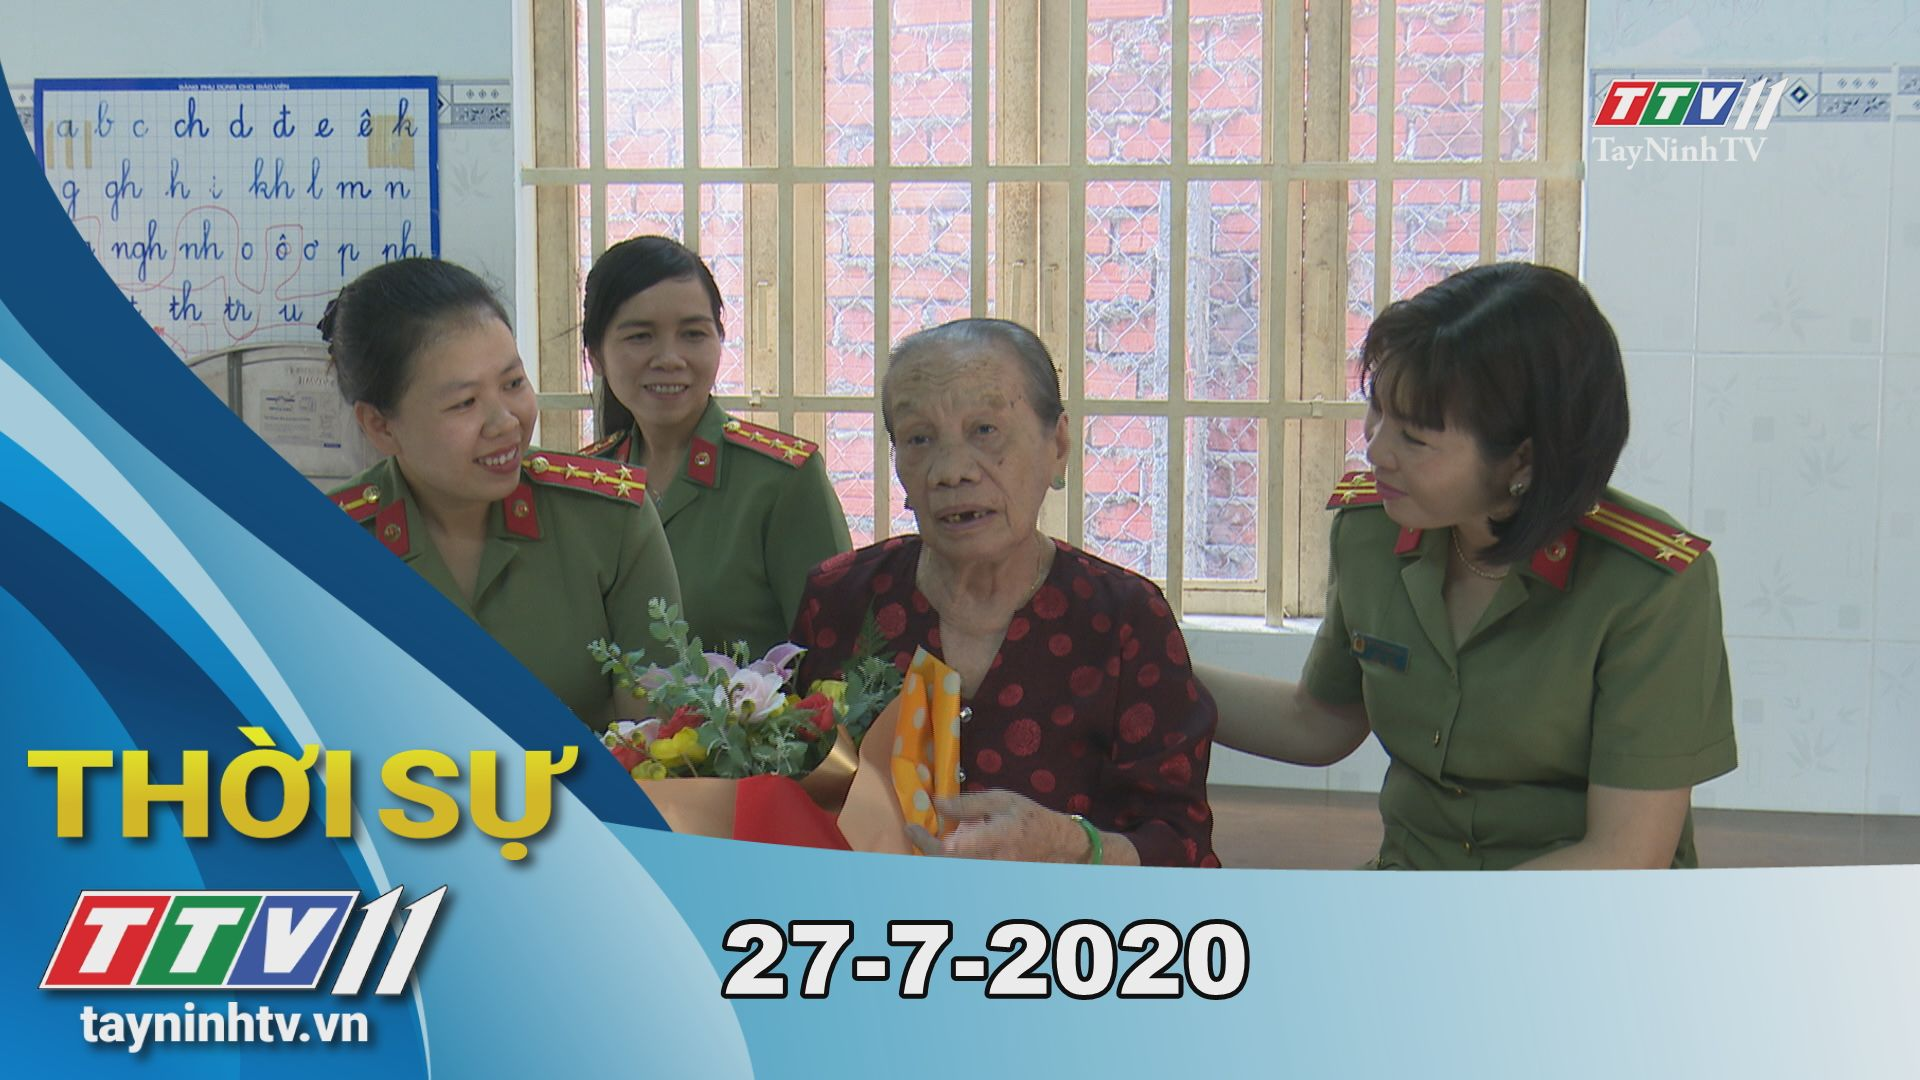 Thời sự Tây Ninh 27-7-2020 | Tin tức hôm nay | TayNinhTV